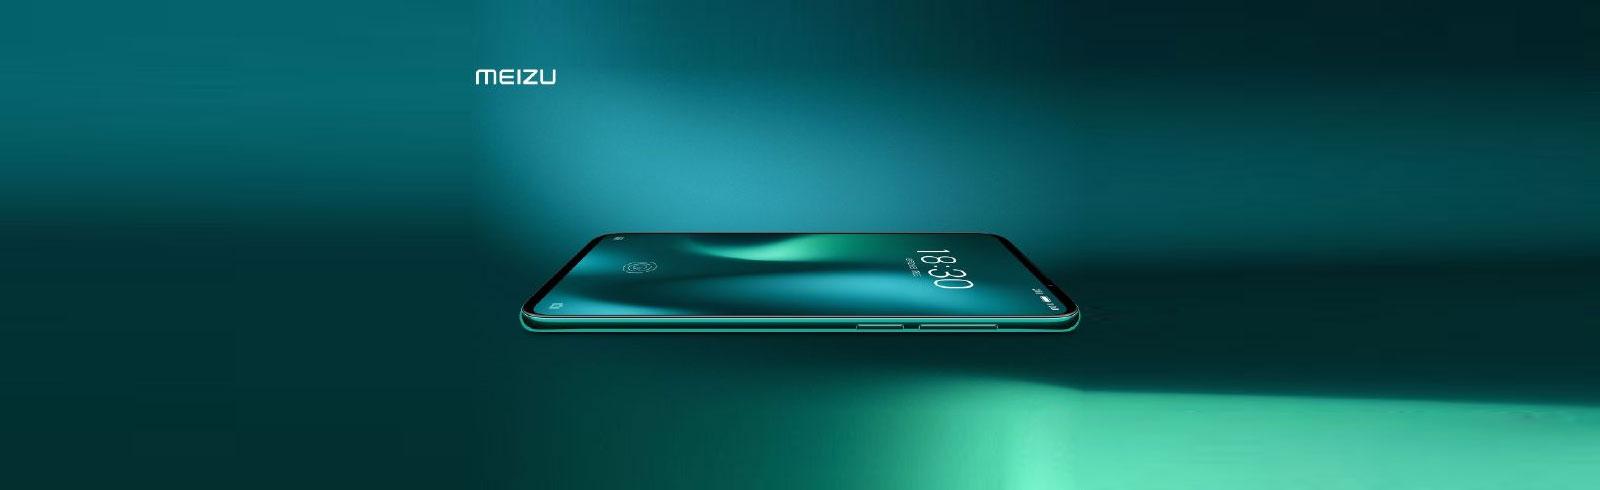 Meizu 16s Pro teased in emerald green